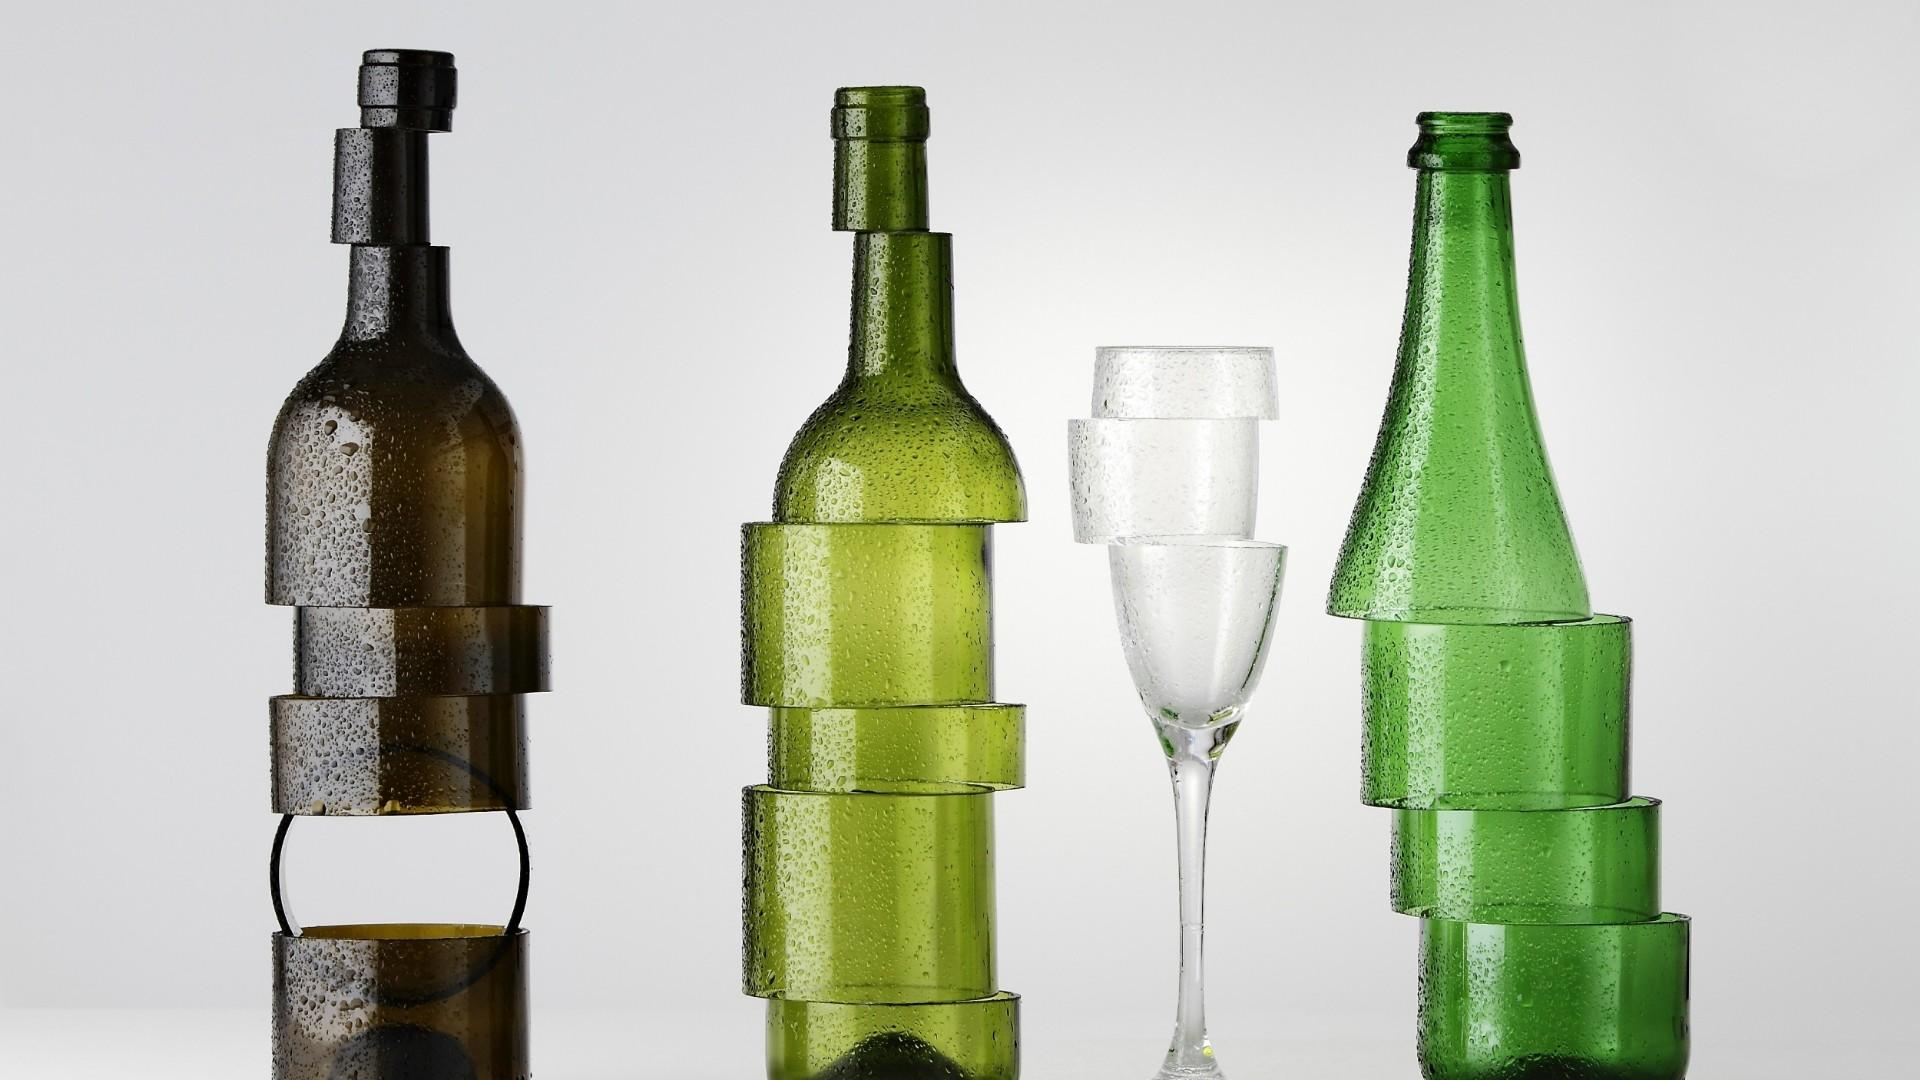 Artistic glasses - Sliced bottles  wallpaper